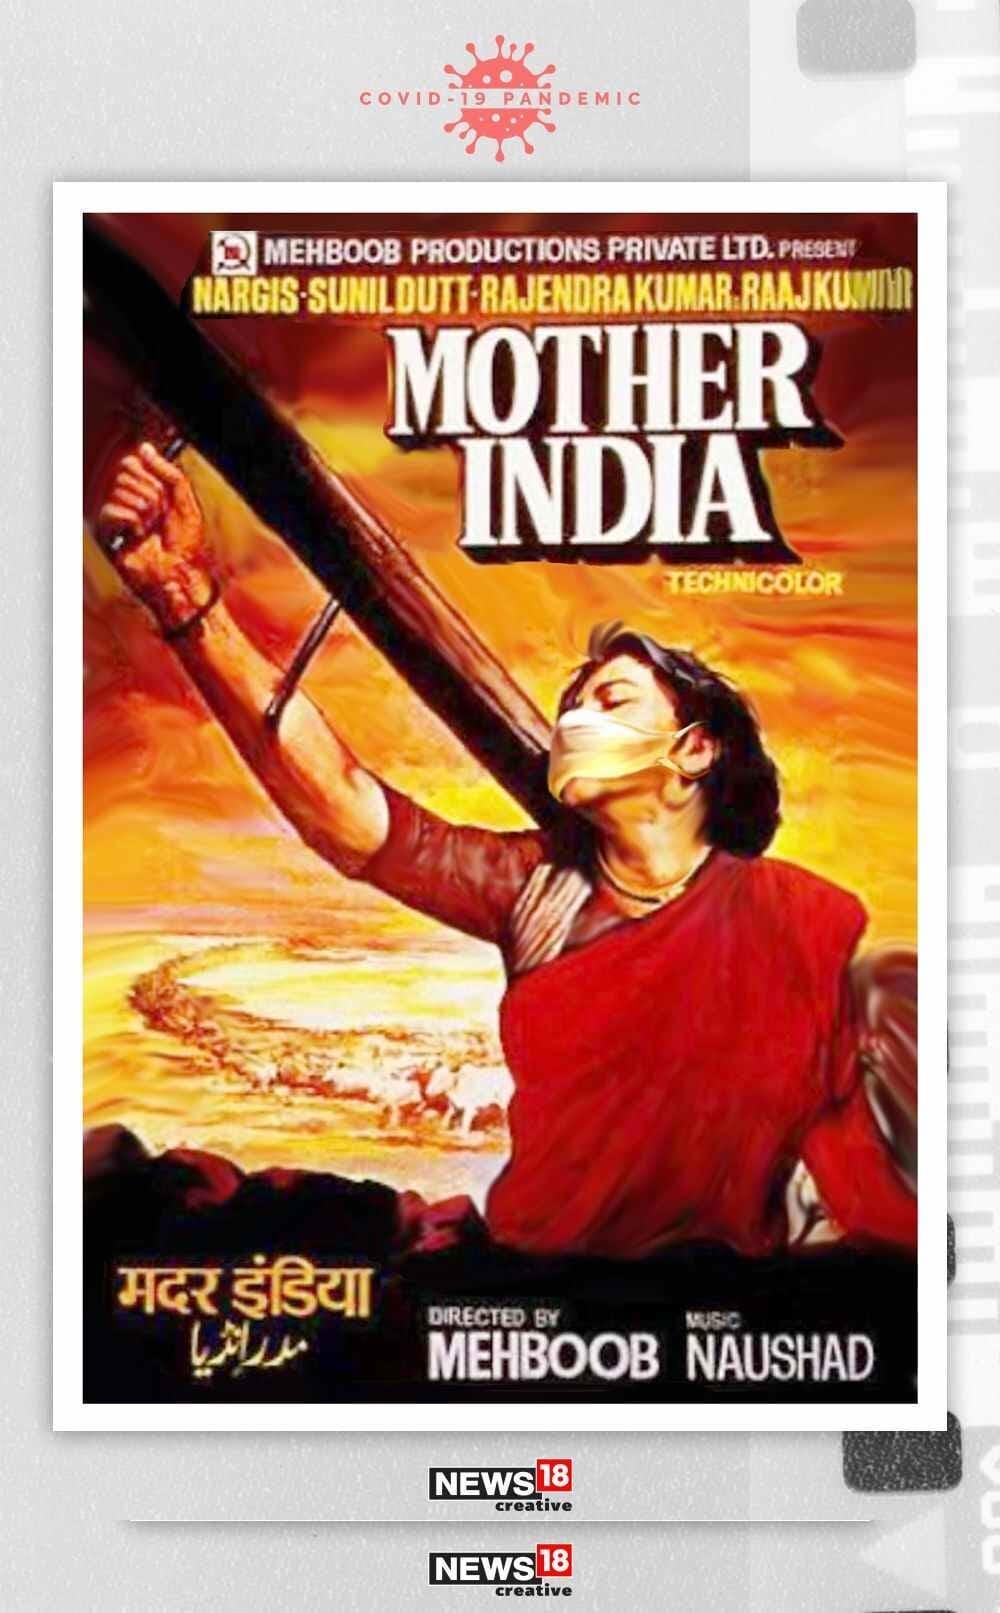 दिग्दर्शक महबूब खान यांचा मदर इंडिया सुद्धा 1997 मध्ये रिलीज झाला होता. ज्यात अभिनेत्री नर्गिस यांची प्रमुख भूमिका होती. हा सिनेमा जर कोरोनाच्या काळात रिलीज झाला असता तर त्याचं पोस्टर काहीसं असं असलं असतं.